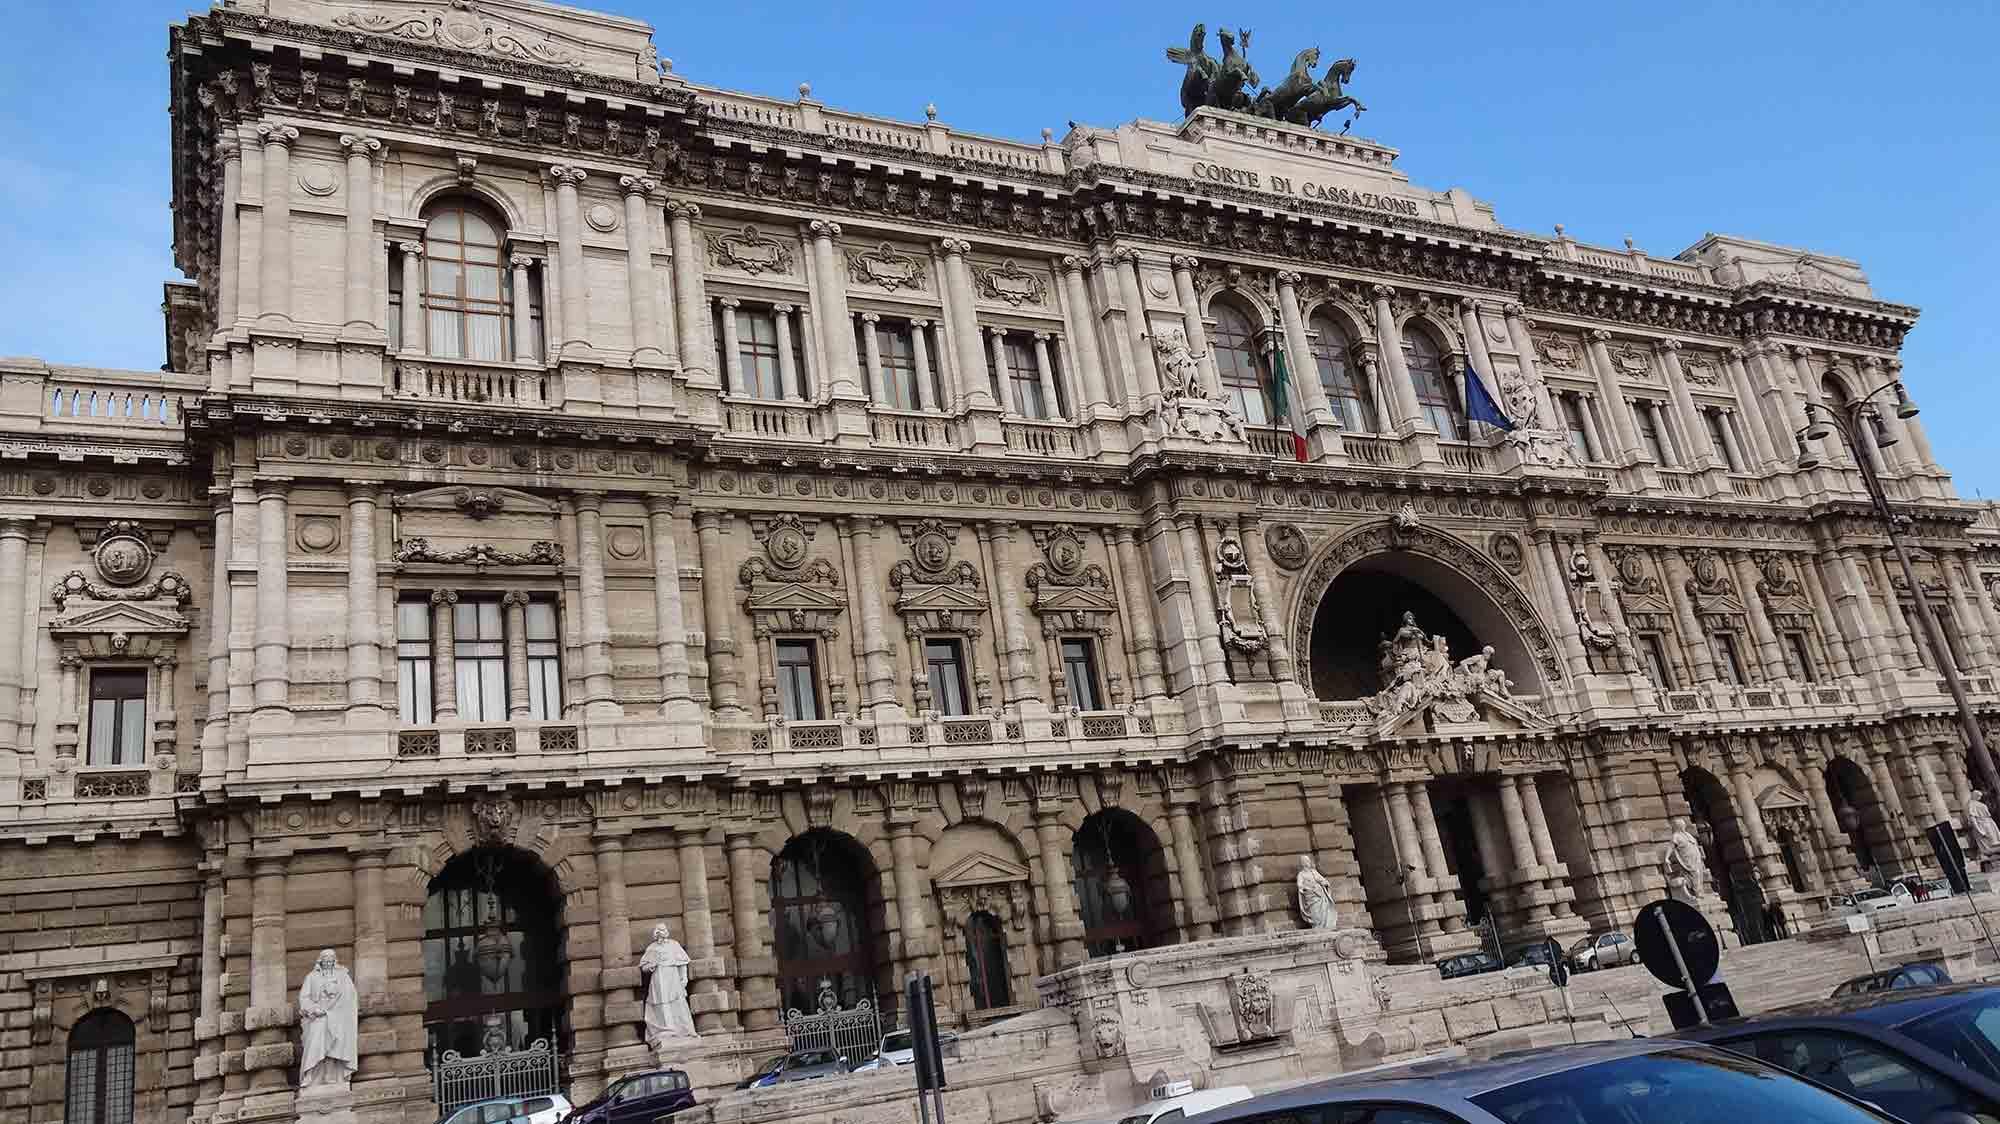 Corte de Cazassione - Turismo em Roma